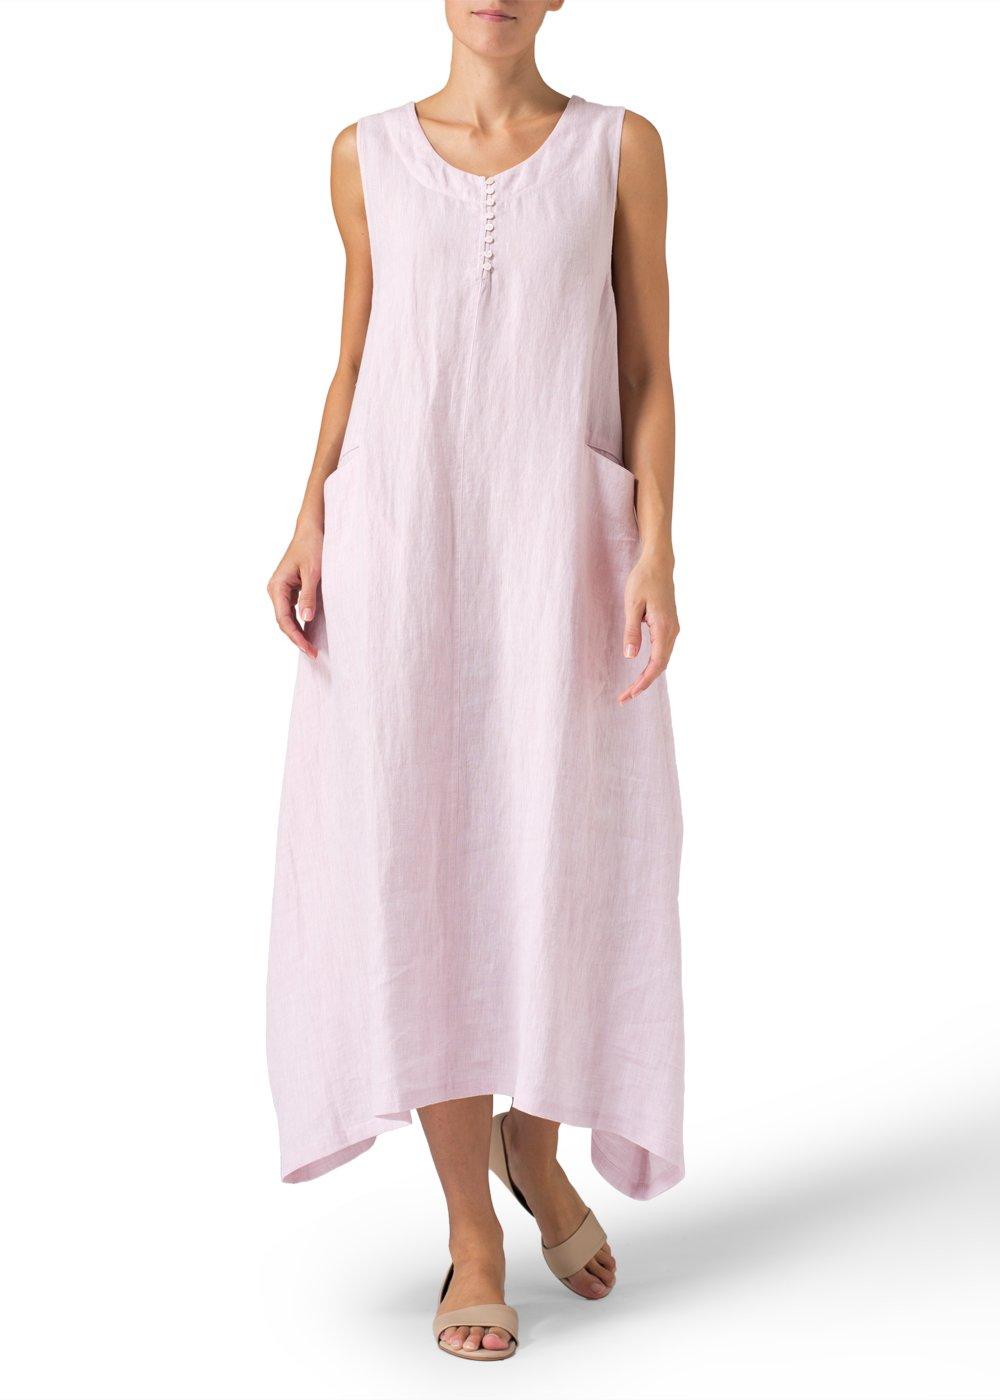 Vivid Linen Sleeveless Long Dress-1X-Soft Pink